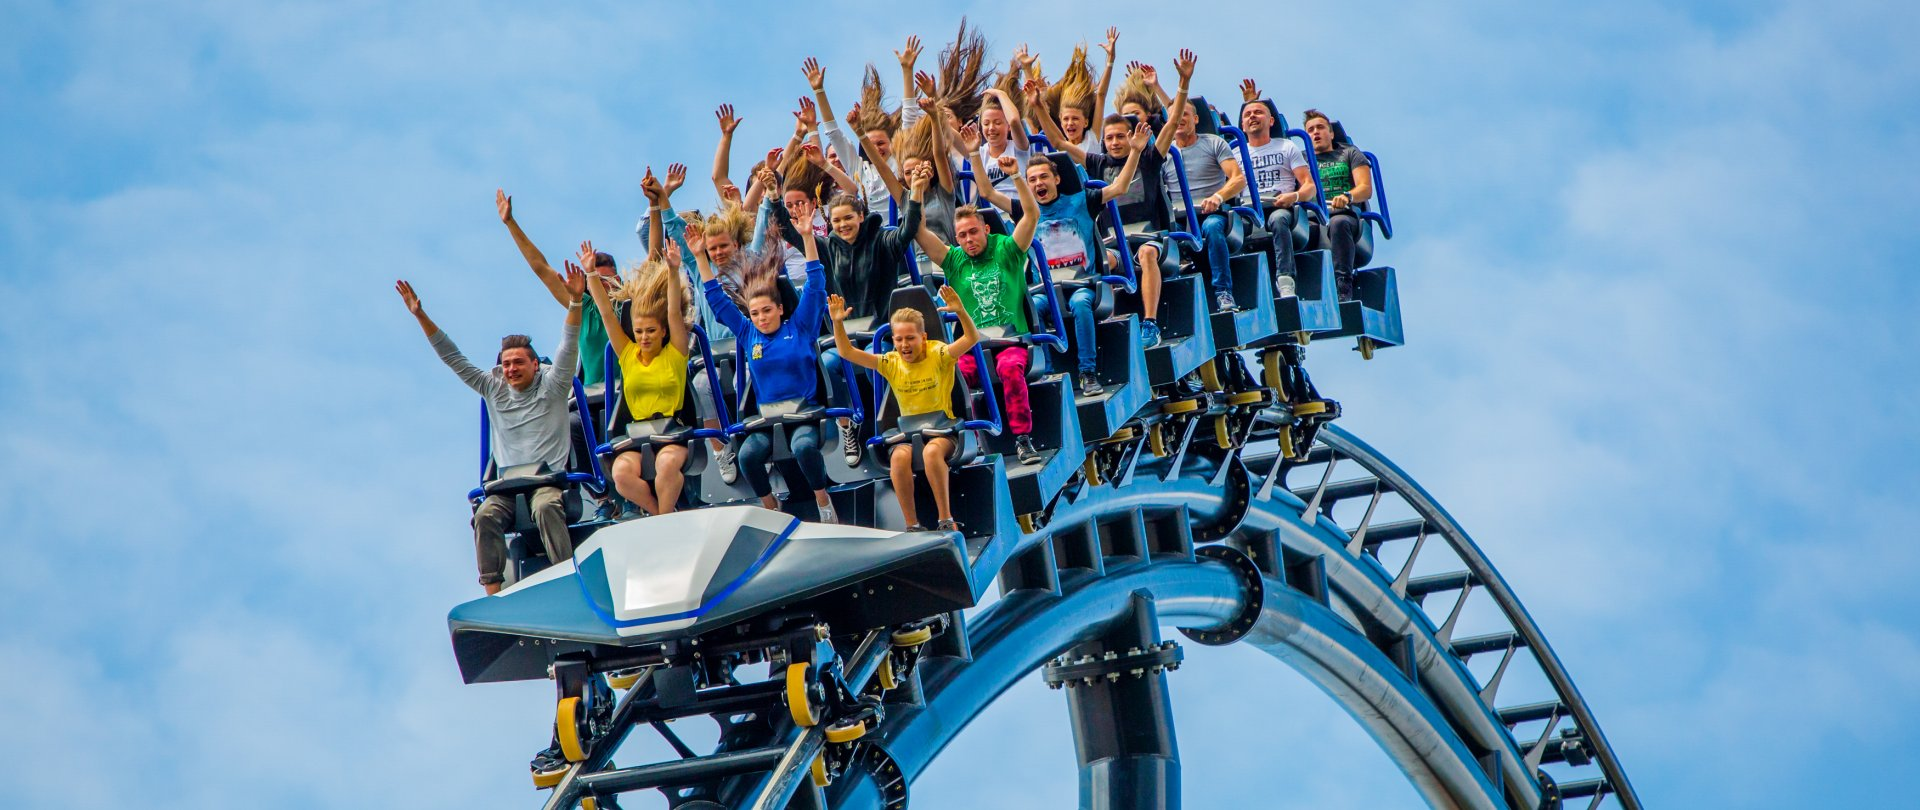 Park rozrywki Energylandia (60 km) – w hotelu można zakupić bilety z 5% rabatem